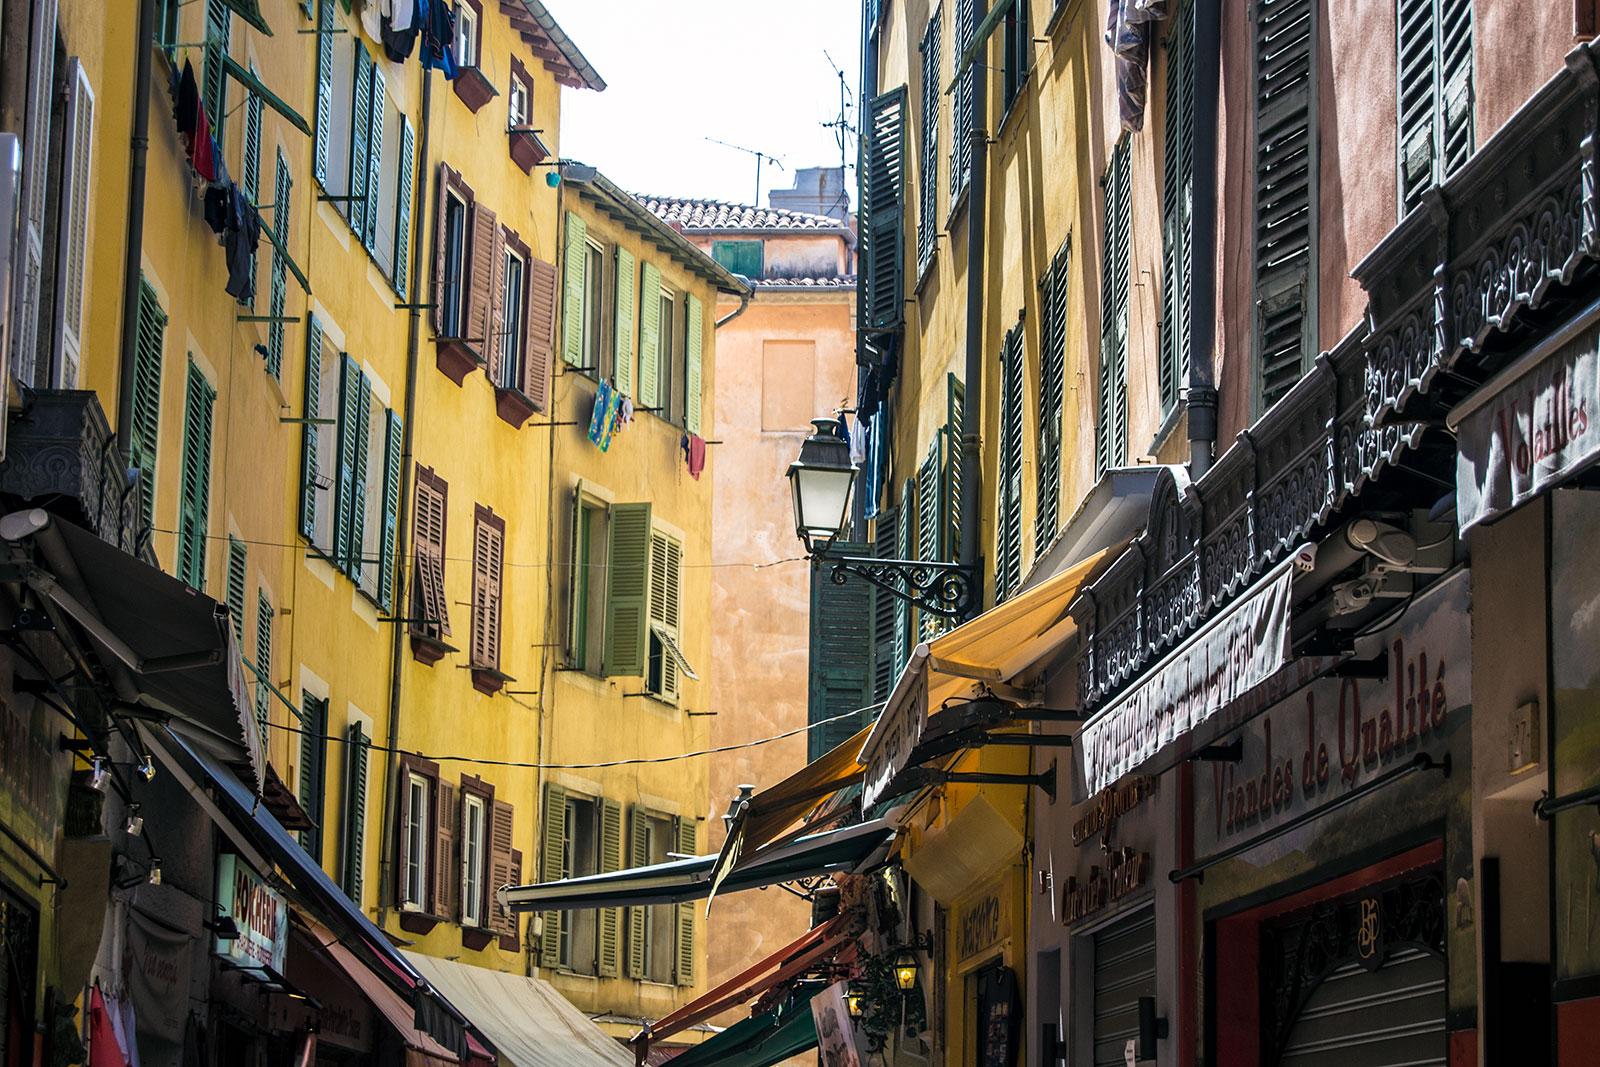 Colores del centro de Niza - una mañana en Niza